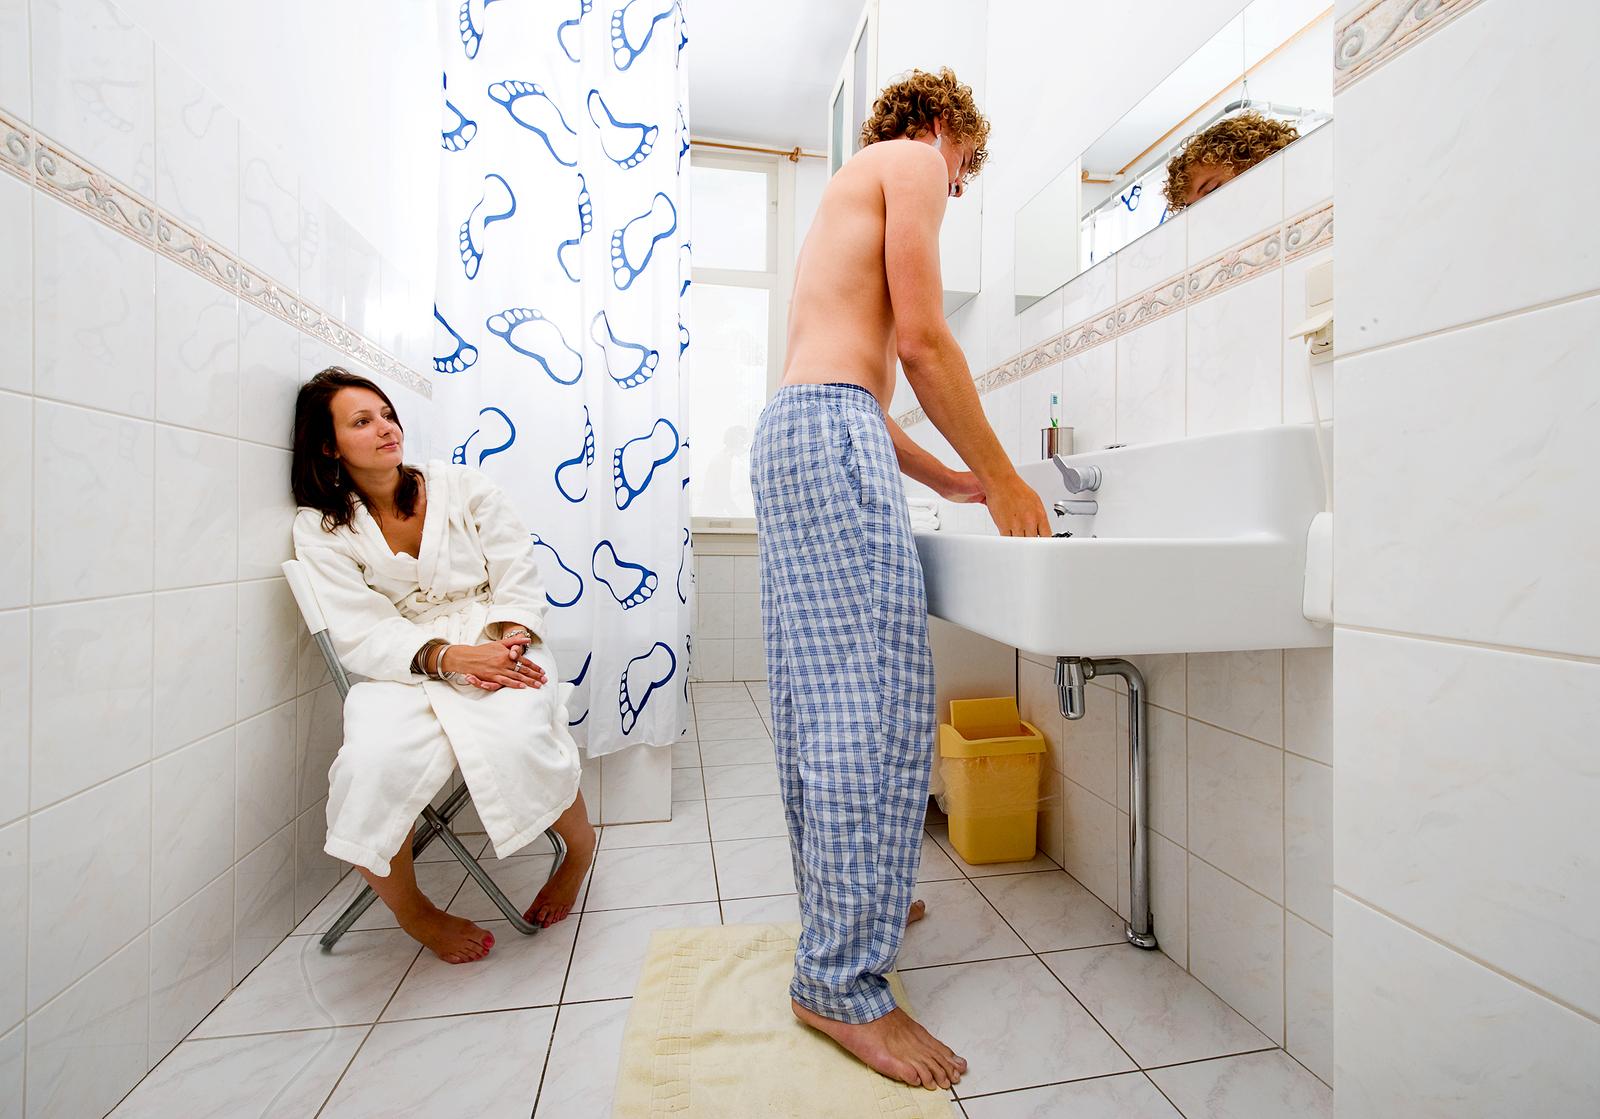 Трахаю зрелую раком в ванной, Порно В ванной Раком -видео. Смотреть порно 24 фотография